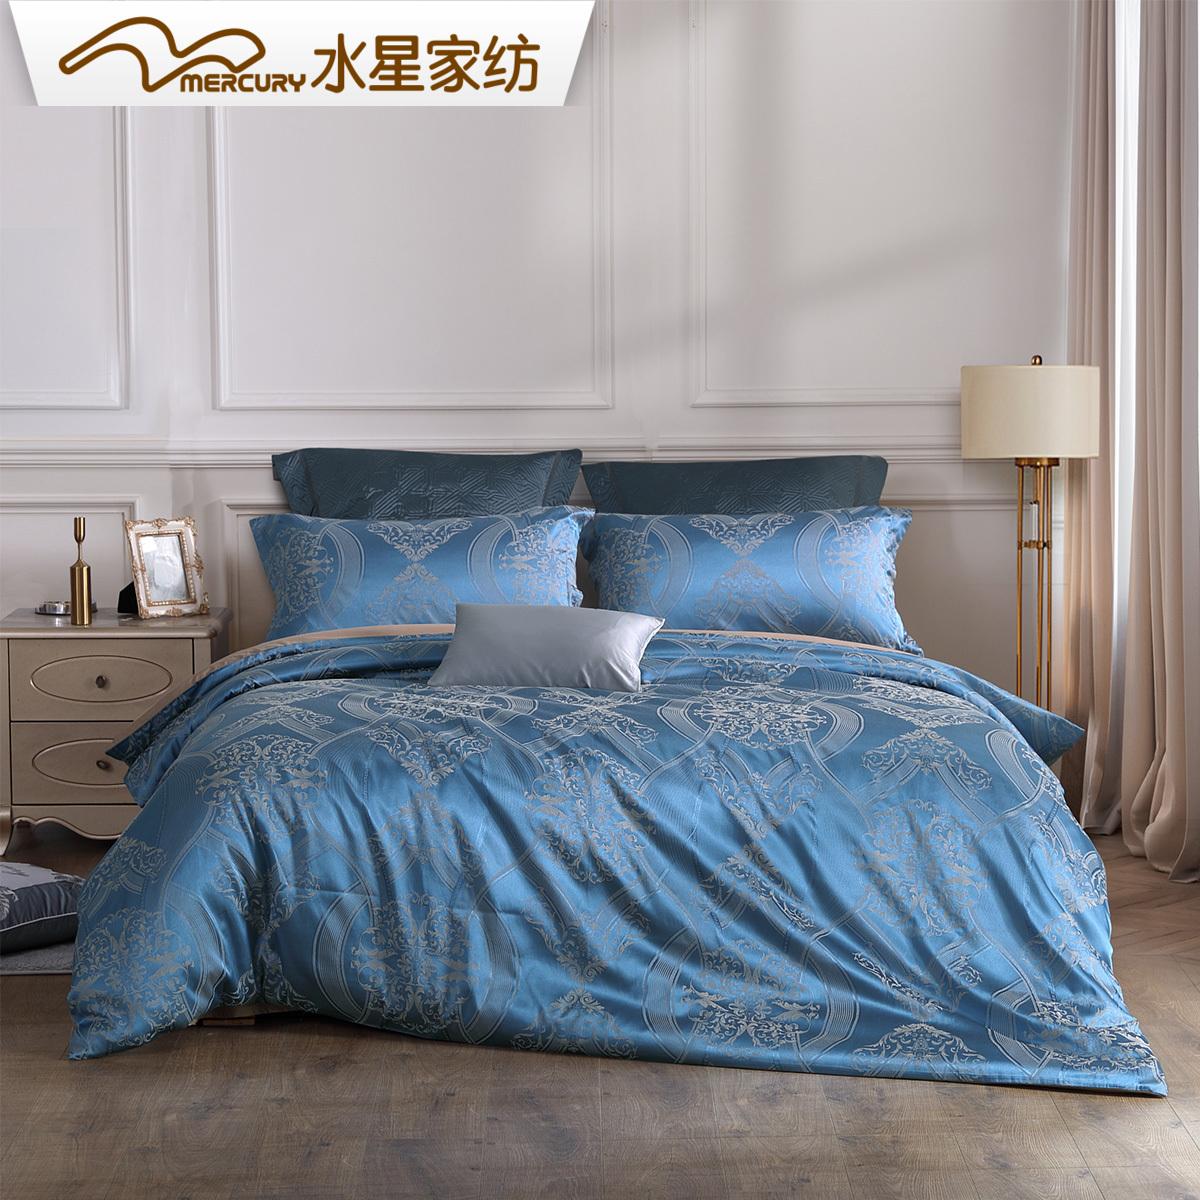 新品19米床上用品1.8欧式提花套件简约四件套巴黎夜色水星家纺